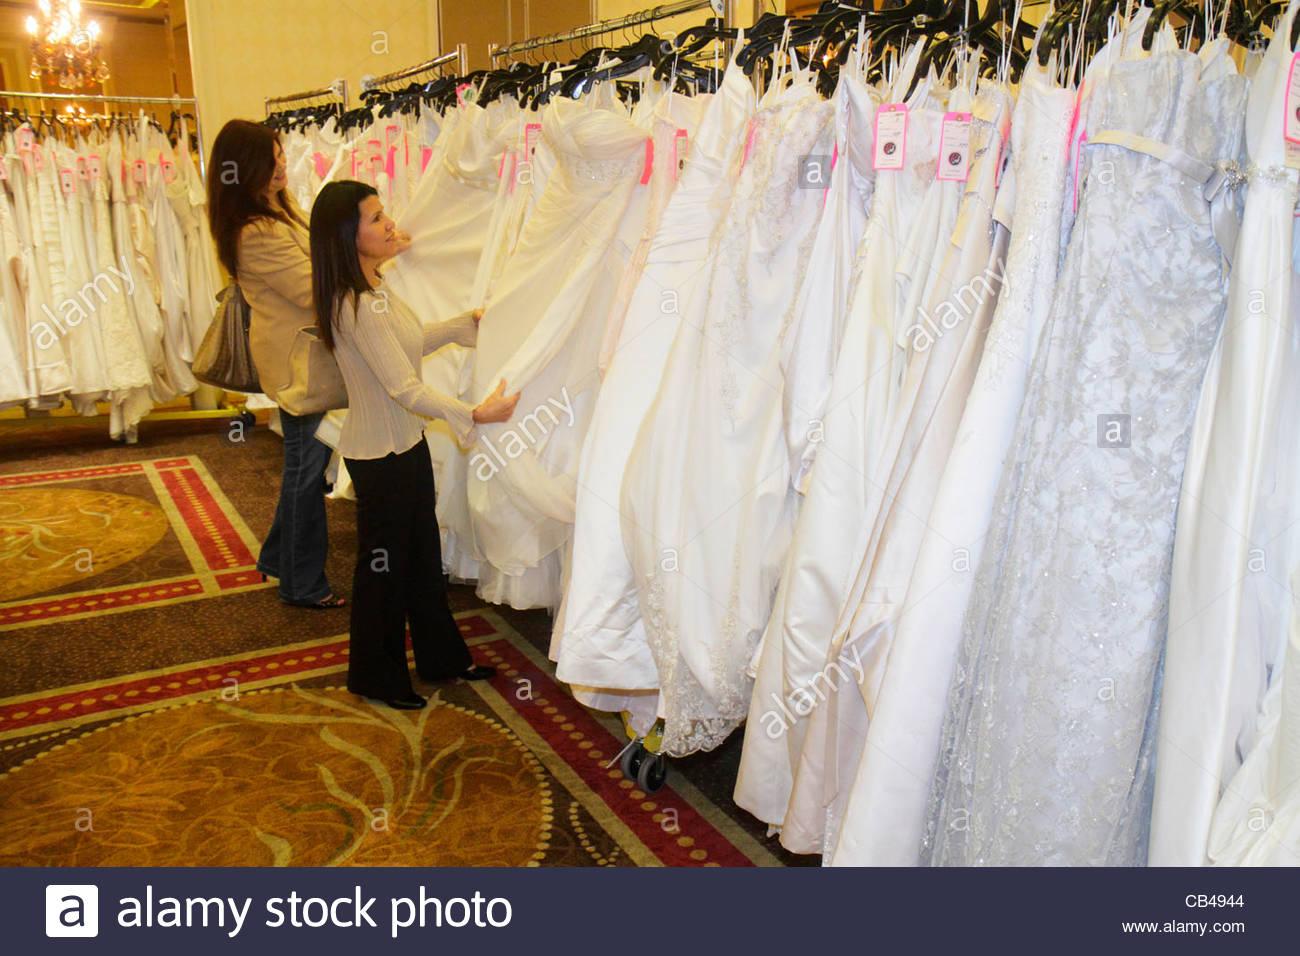 Dresses Shoppers Stockfotos & Dresses Shoppers Bilder - Seite 2 - Alamy